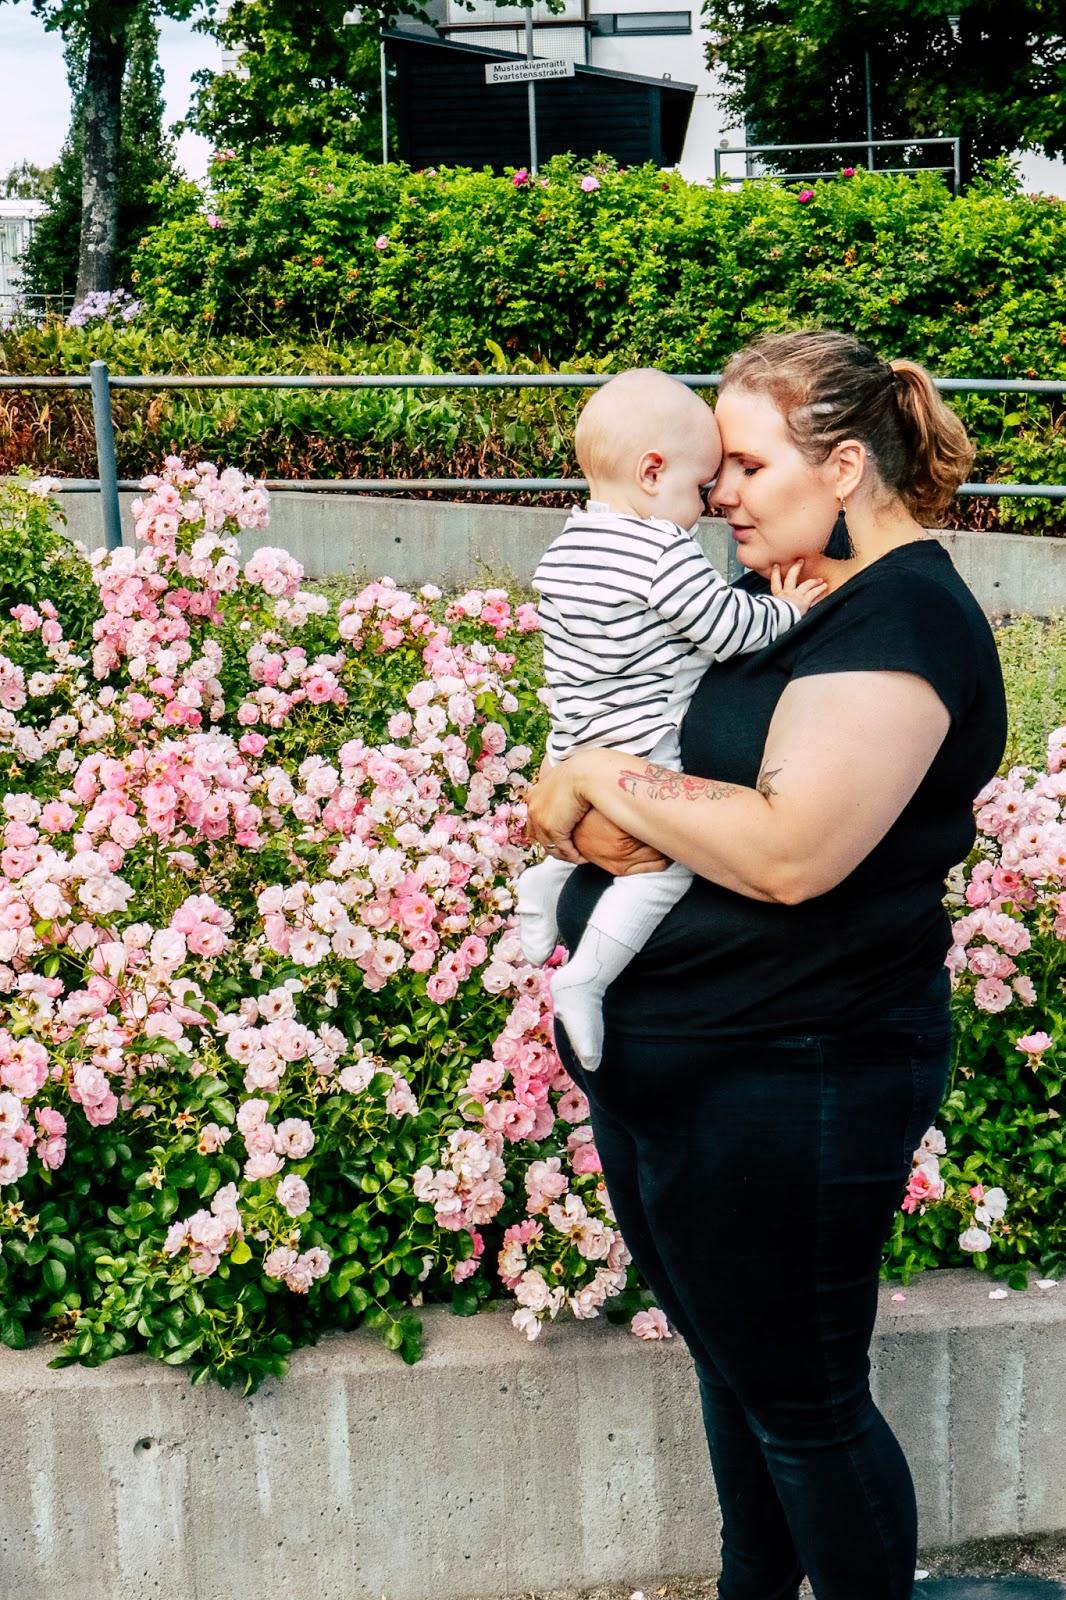 vauvavuosi, vauva, yhdeksän kuukautta, nukkuminen, syöminen, liikkuminen, kasvu, parhaat,